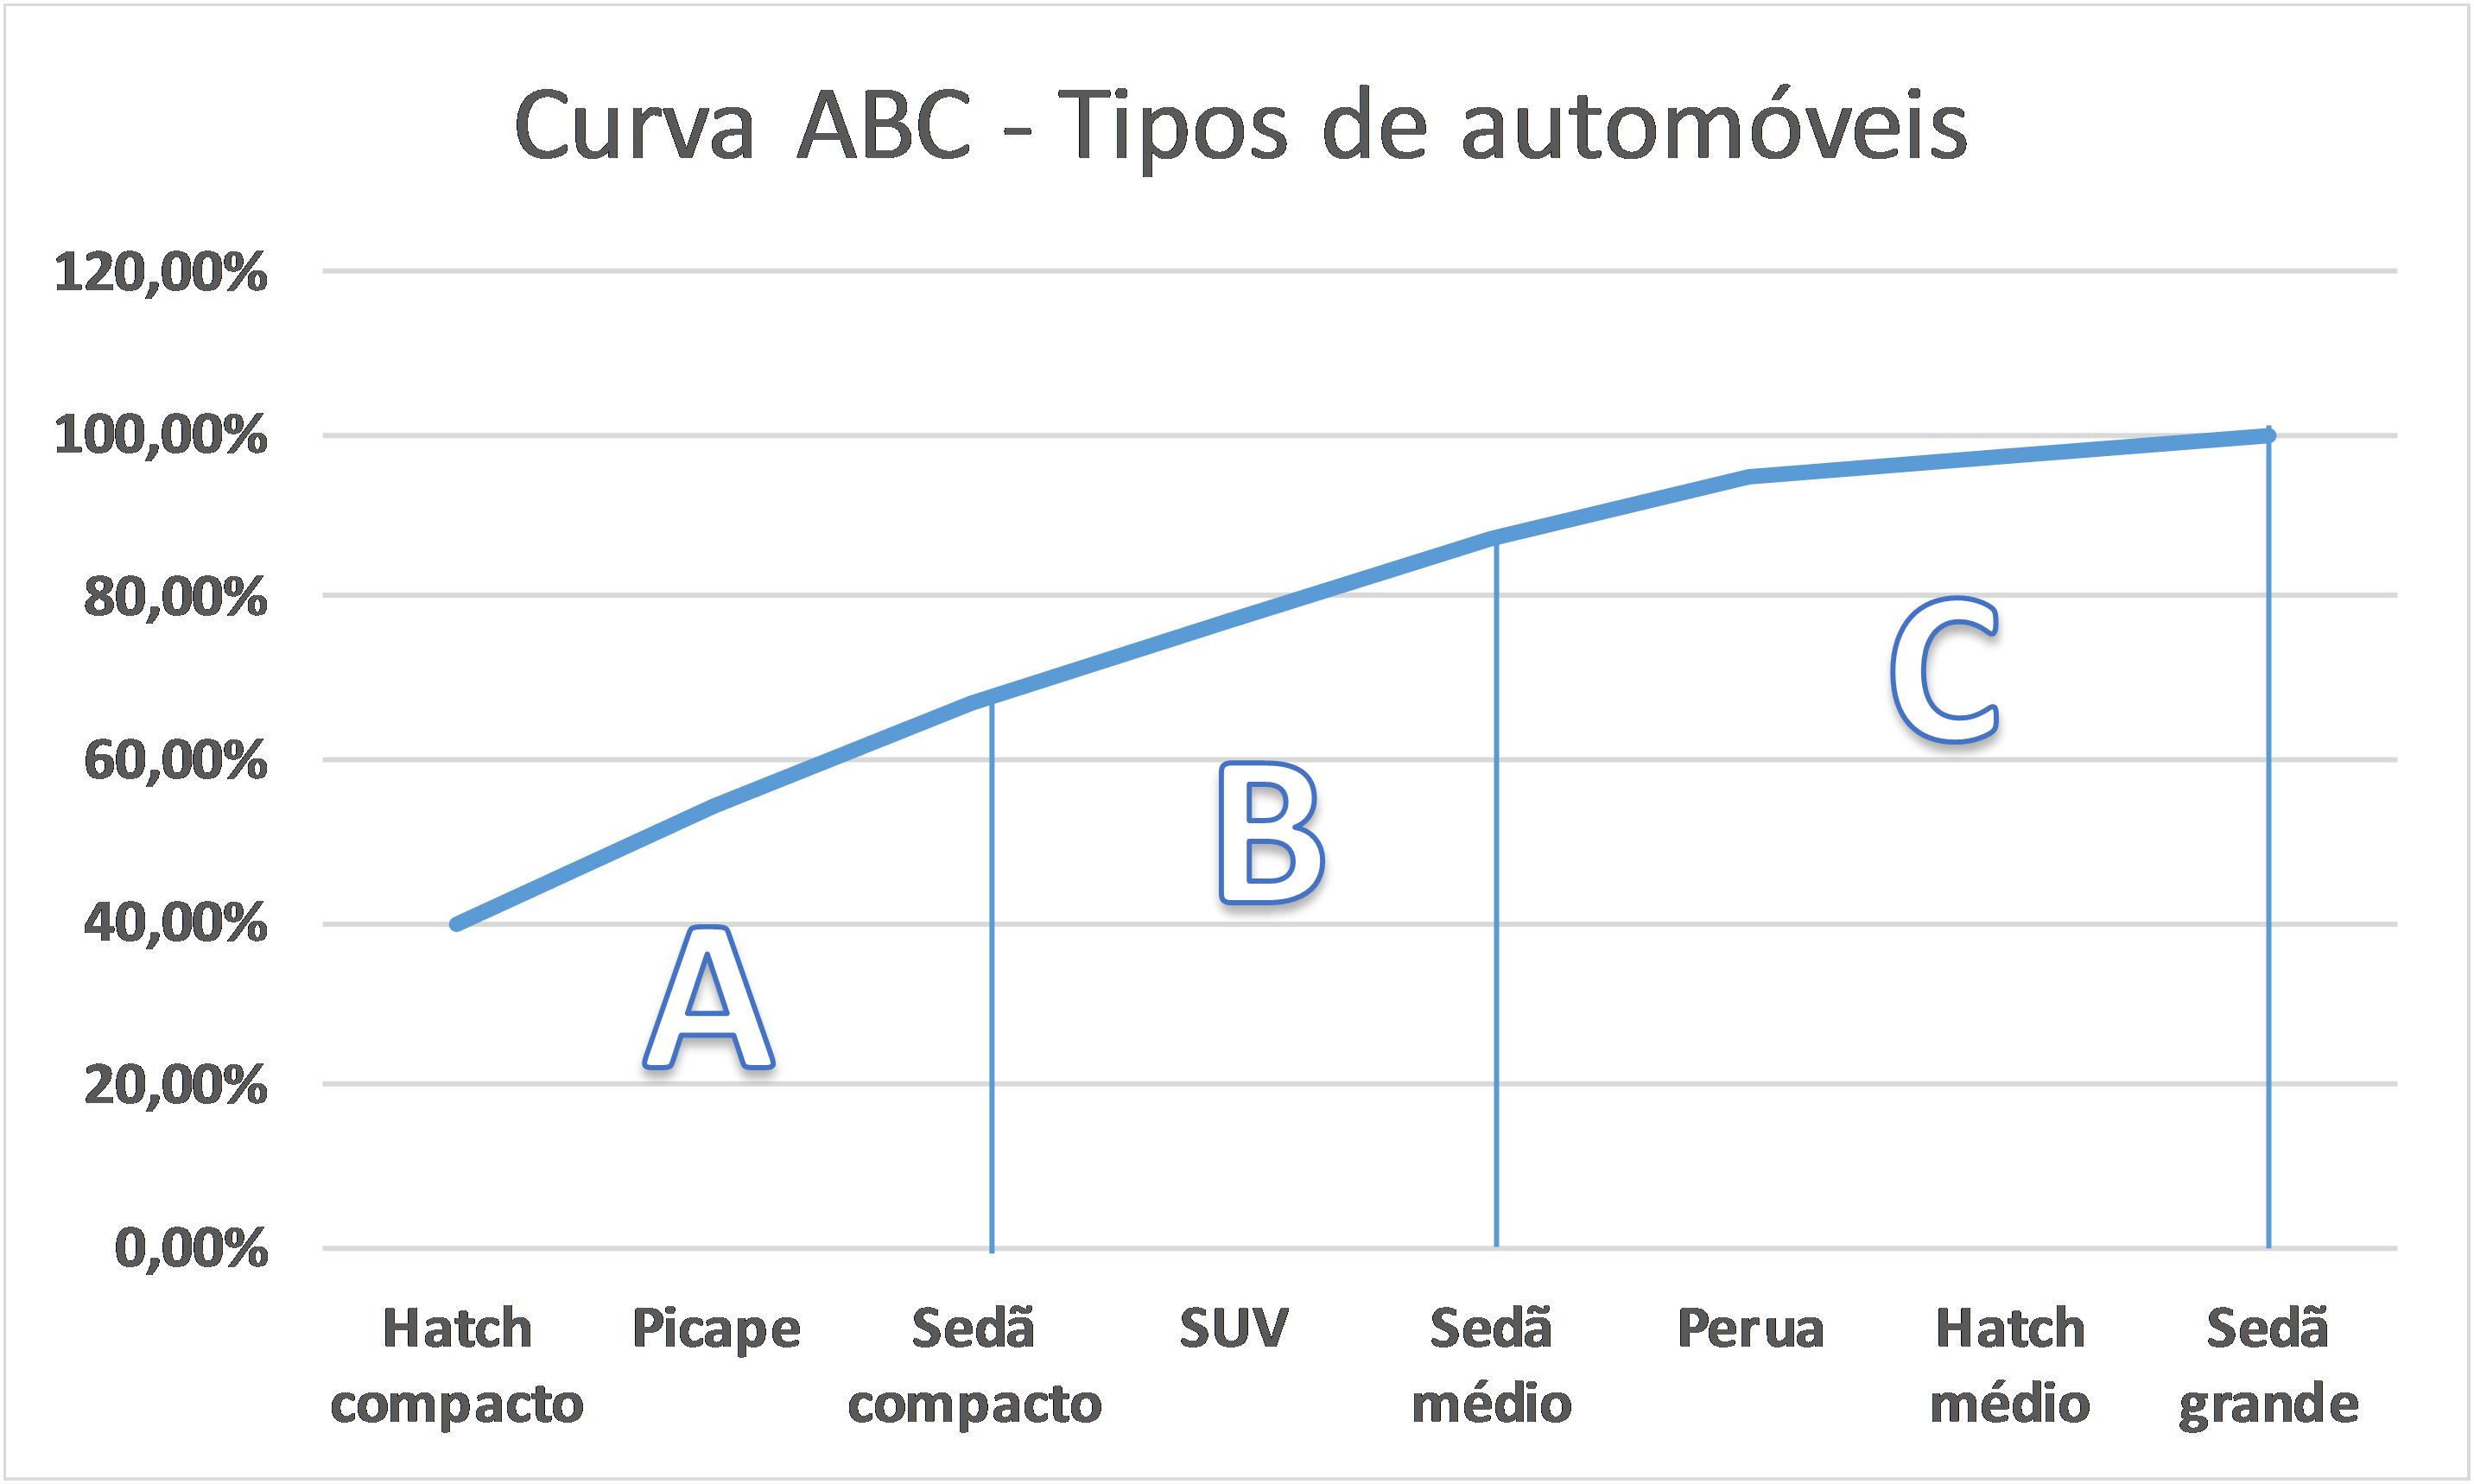 Curva ABC dos tipos de automóveis sobre o percentual acumulado